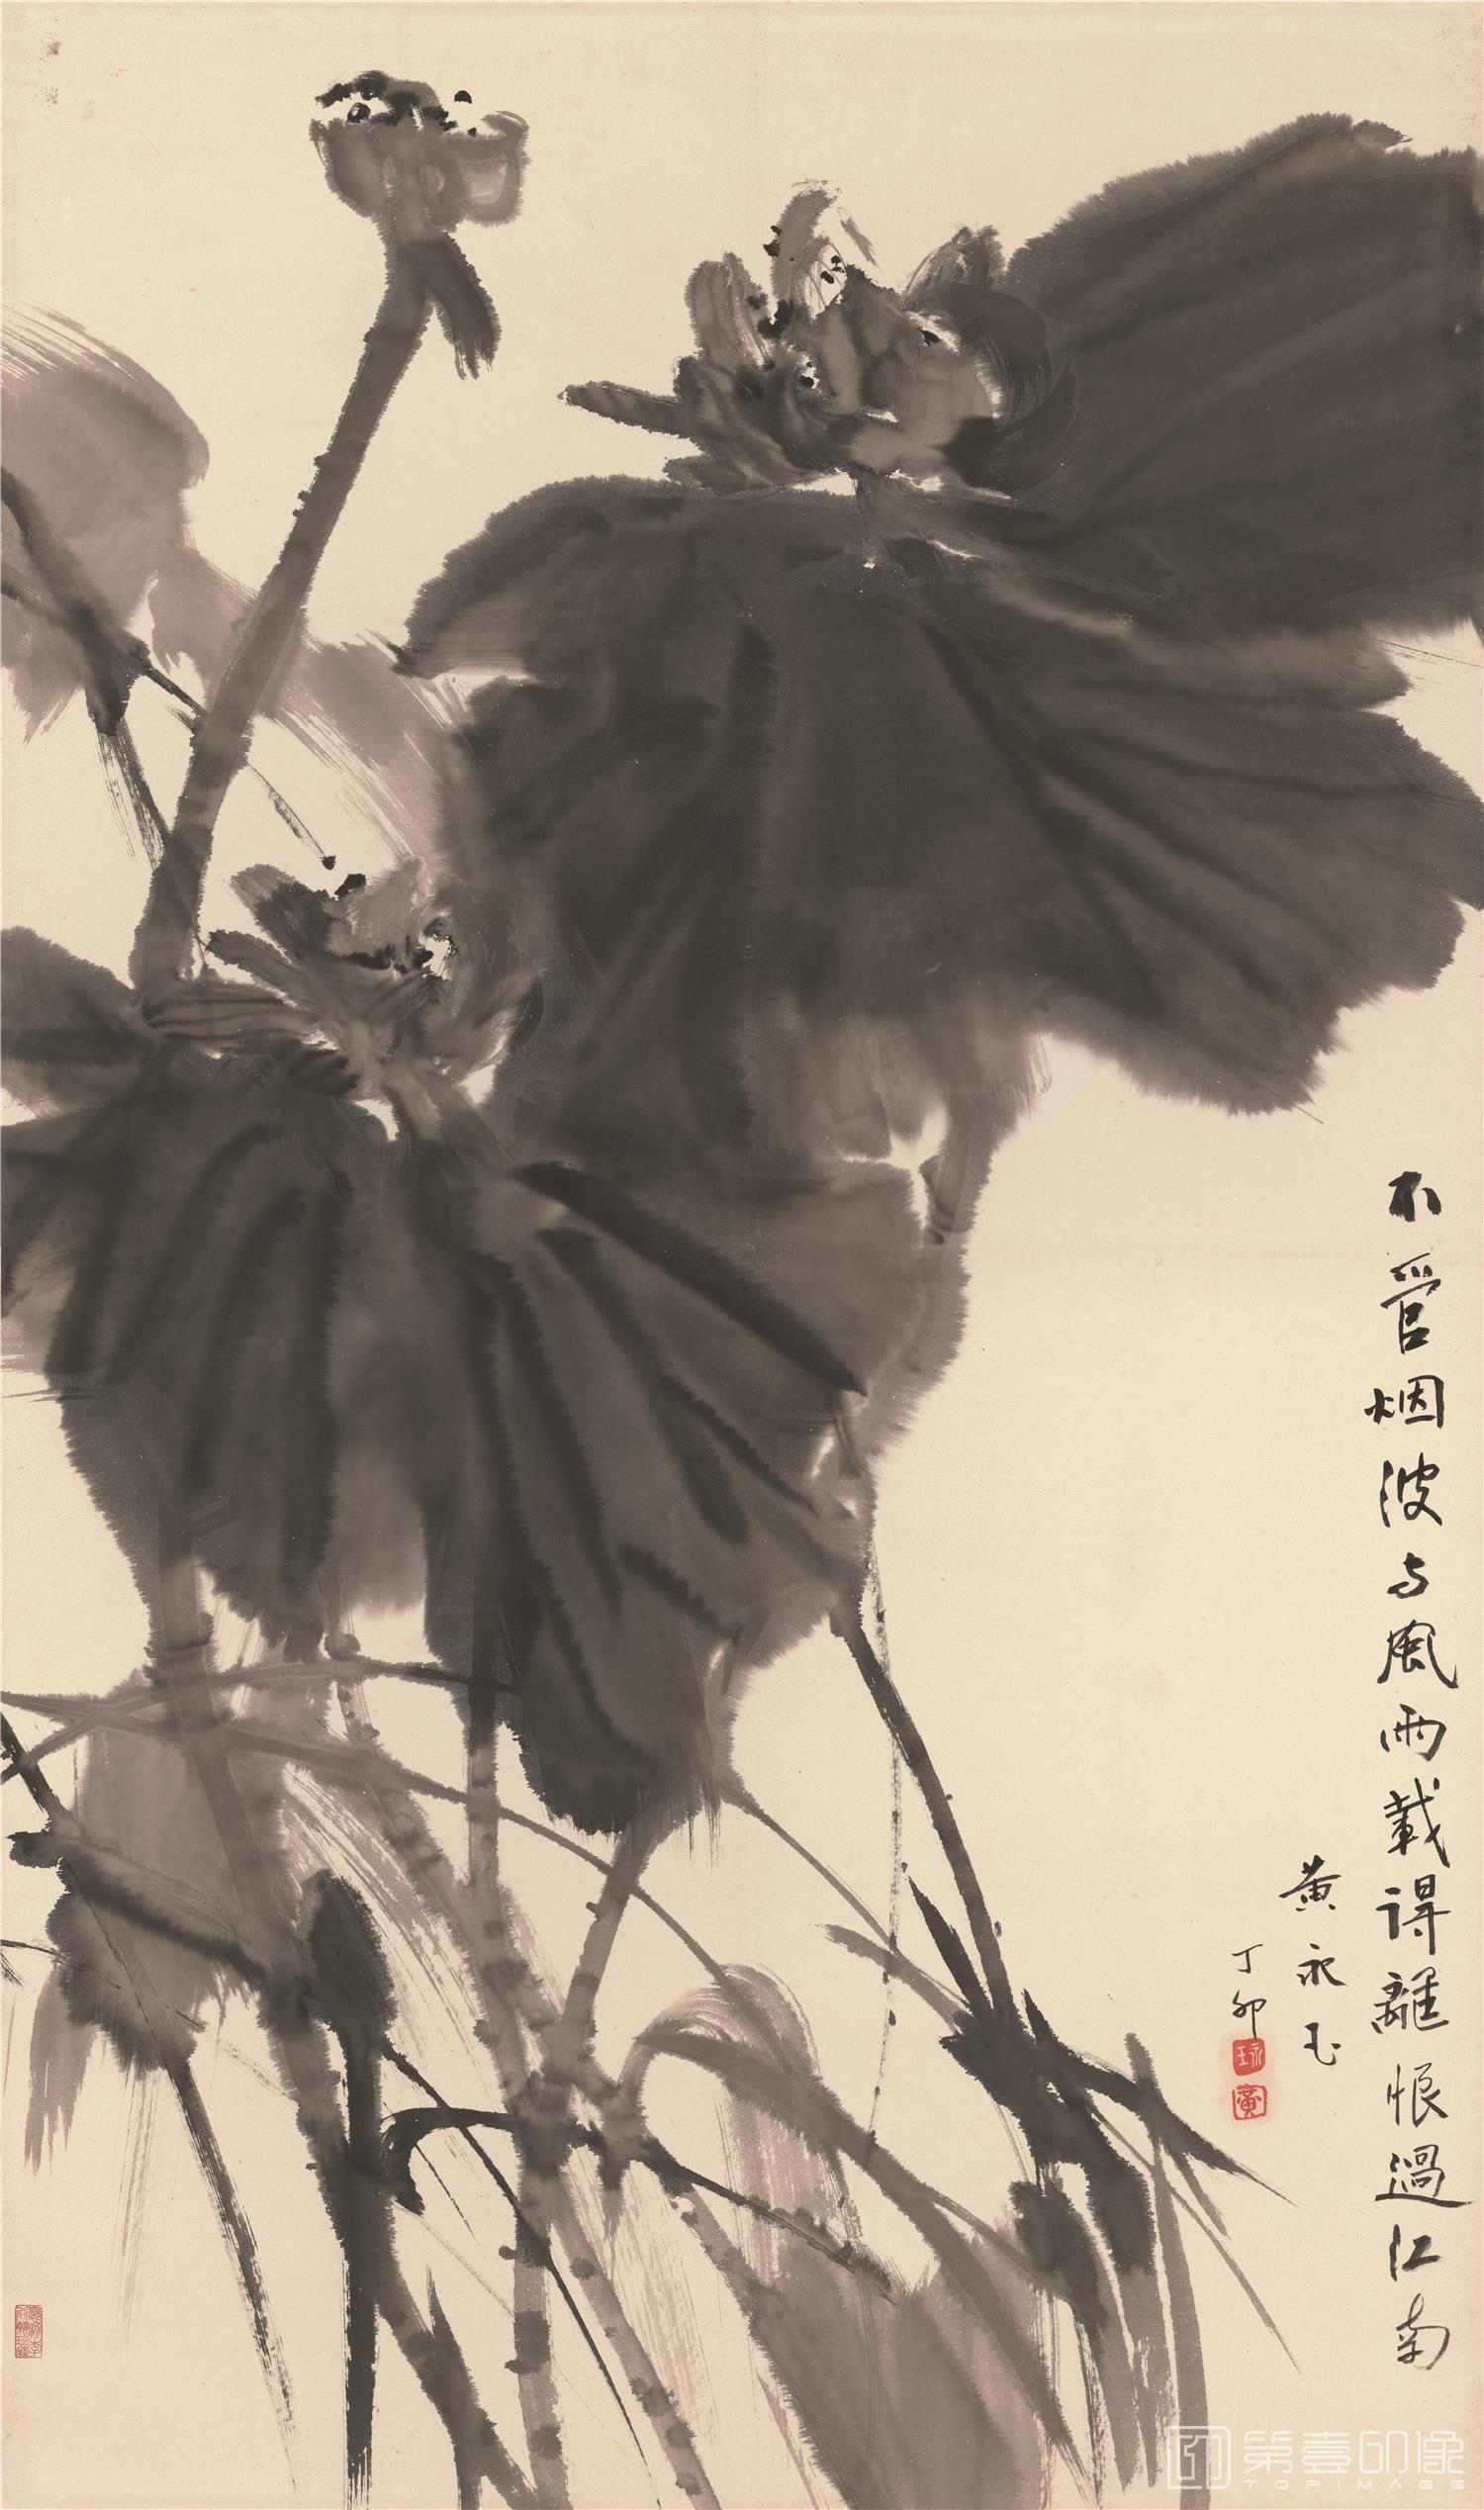 国画-当代-黄永玉-墨荷-93X157cm